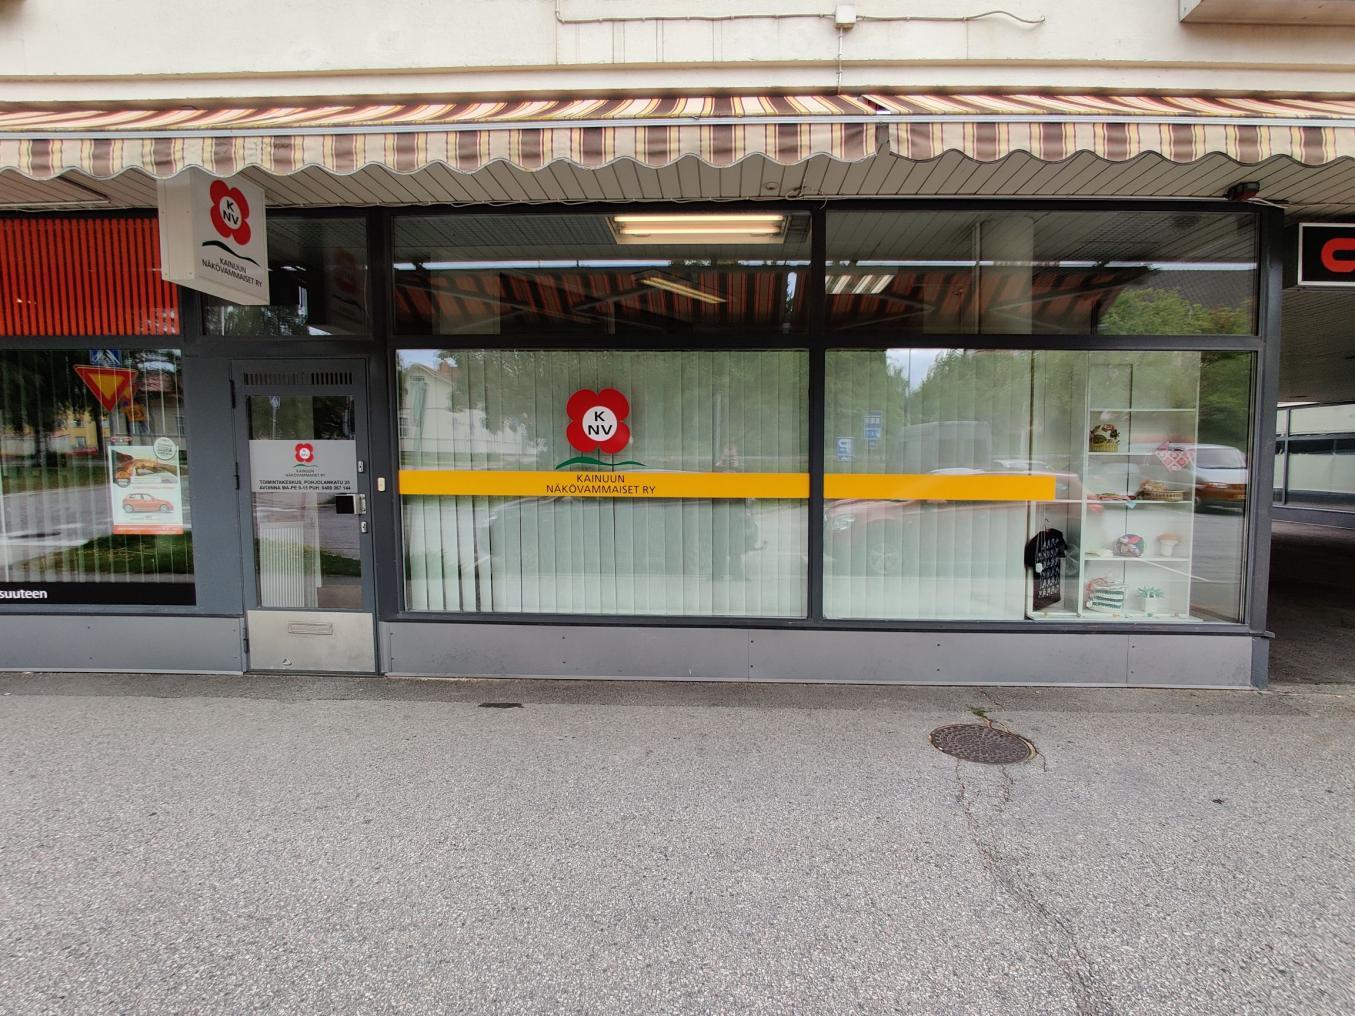 Kainuun Näkövammaiset toimisto etuovi kuvassa.